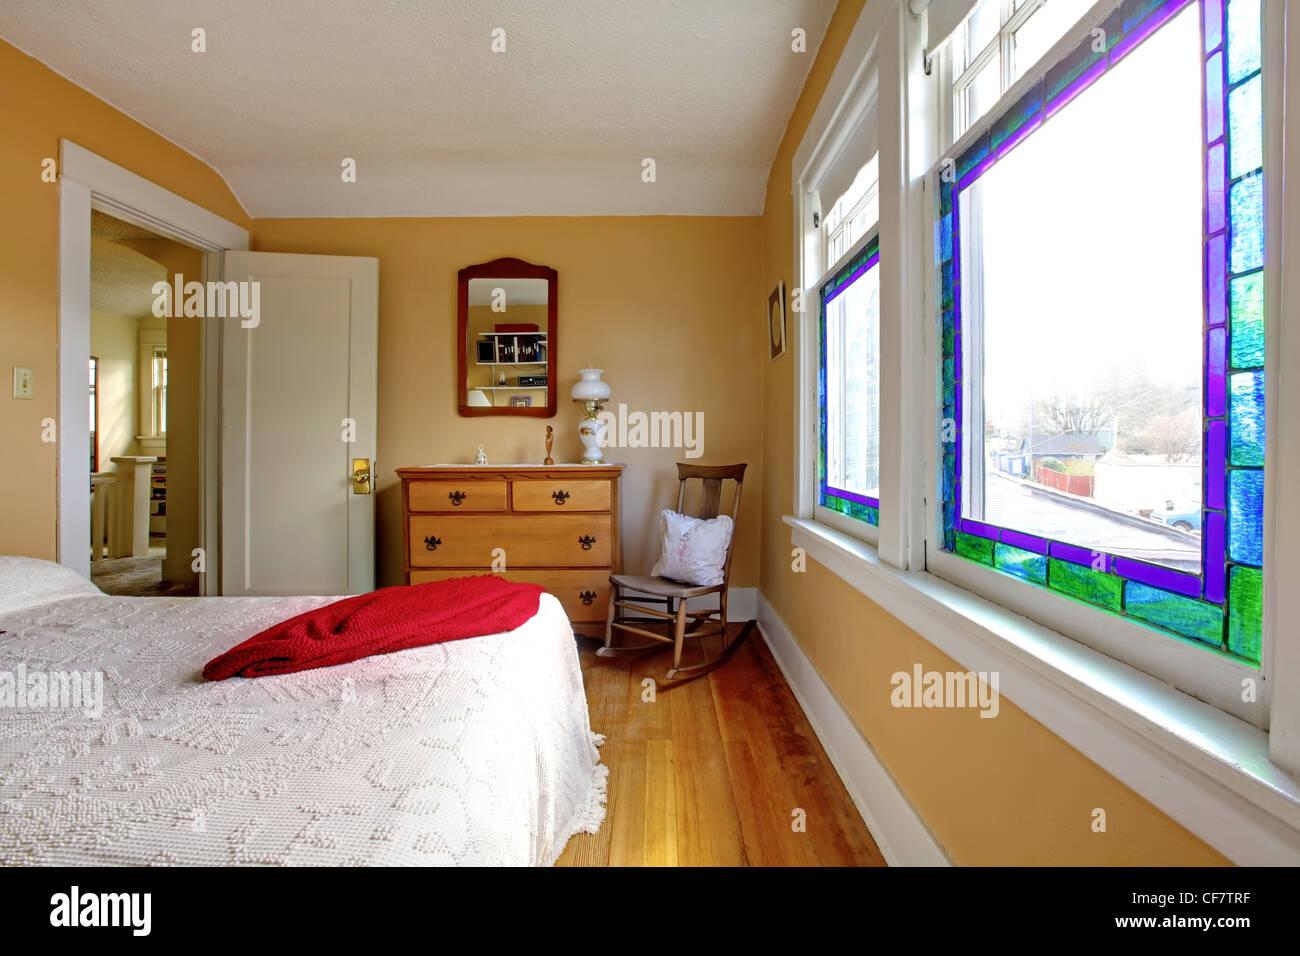 Inglese vecchia camera da letto con pareti di colore giallo e bianco